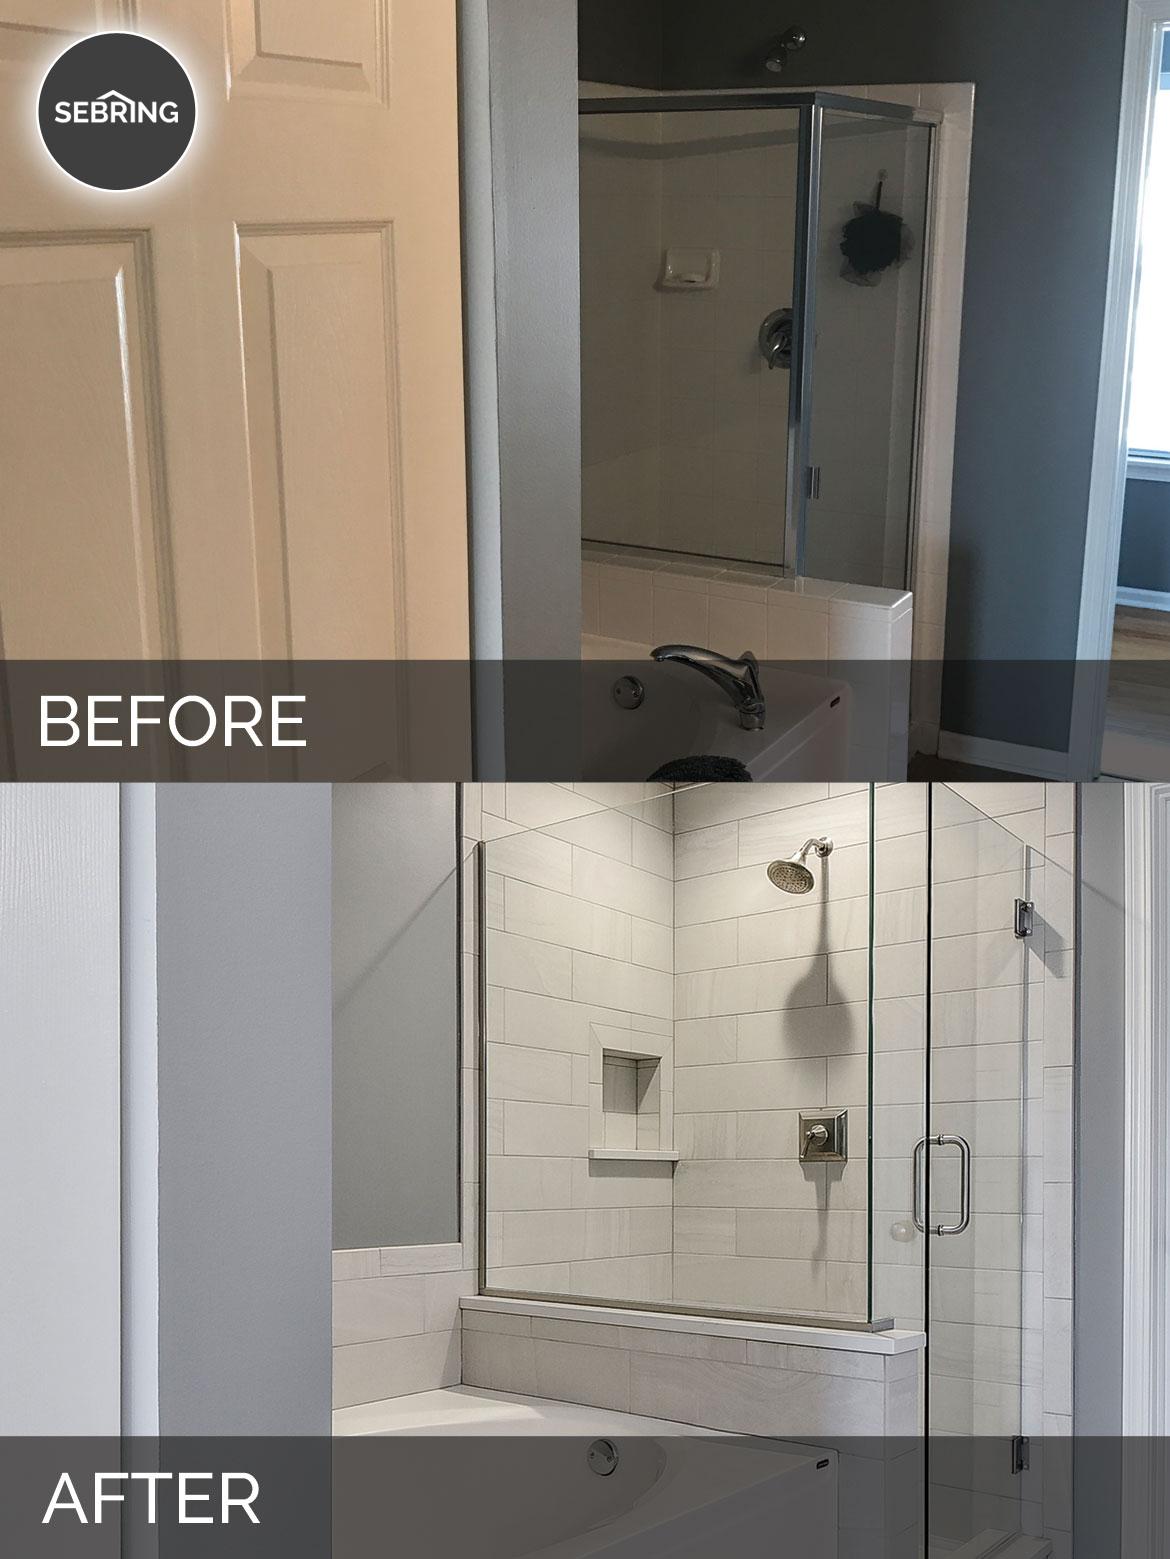 Plainfield Master Bathroom Before & After - Sebring Design Build